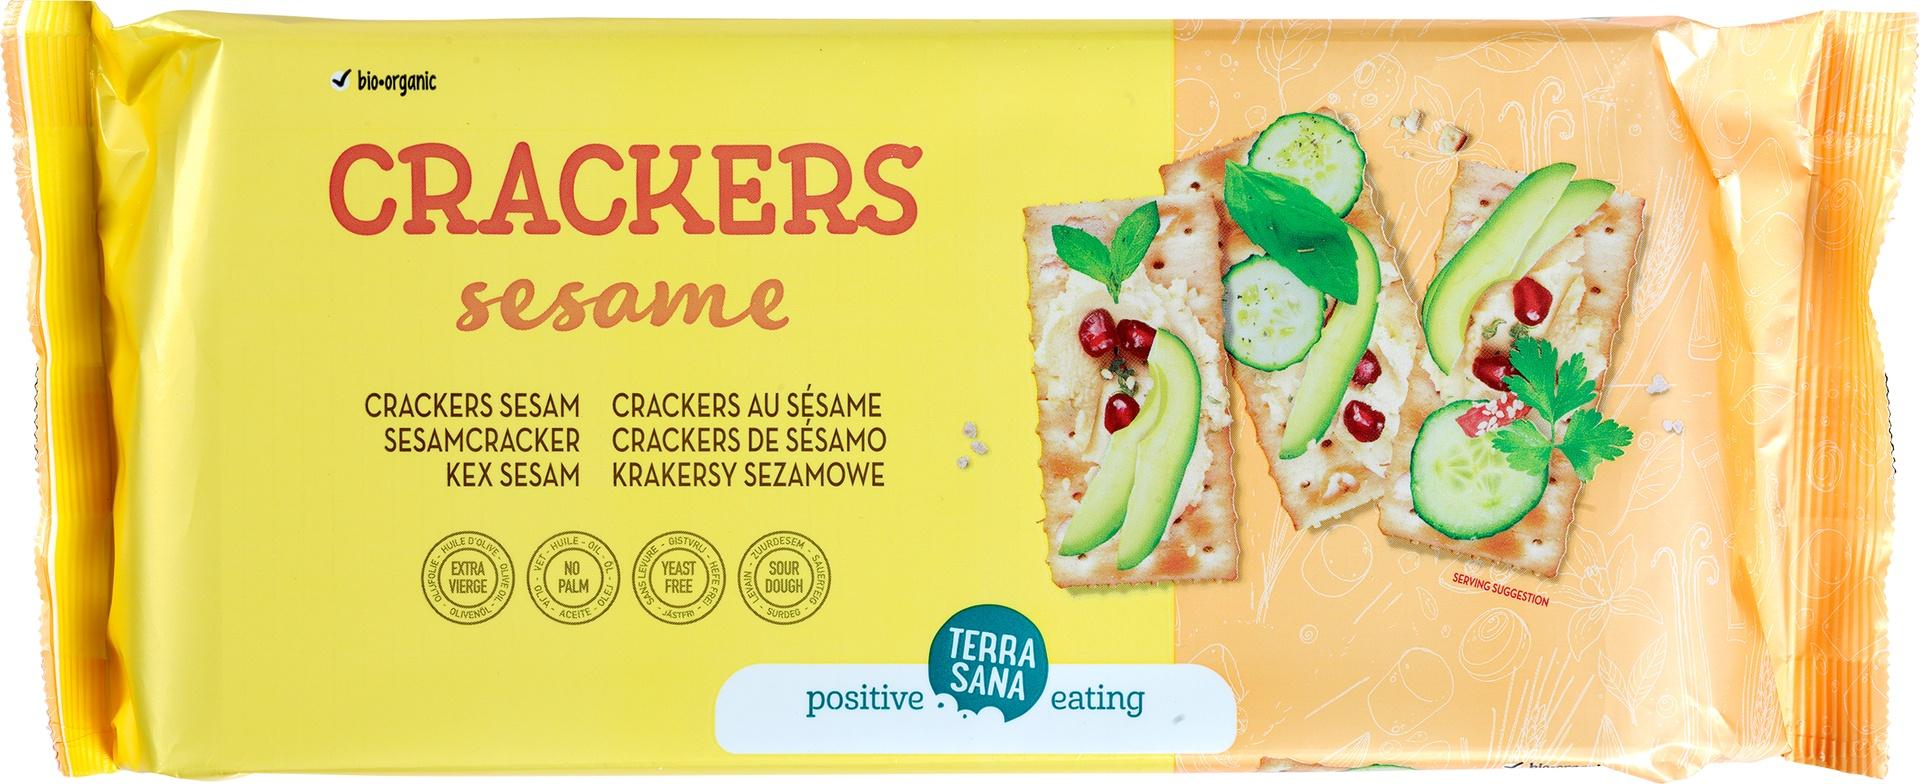 Biologische TerraSana Crackers sesam 300 gr